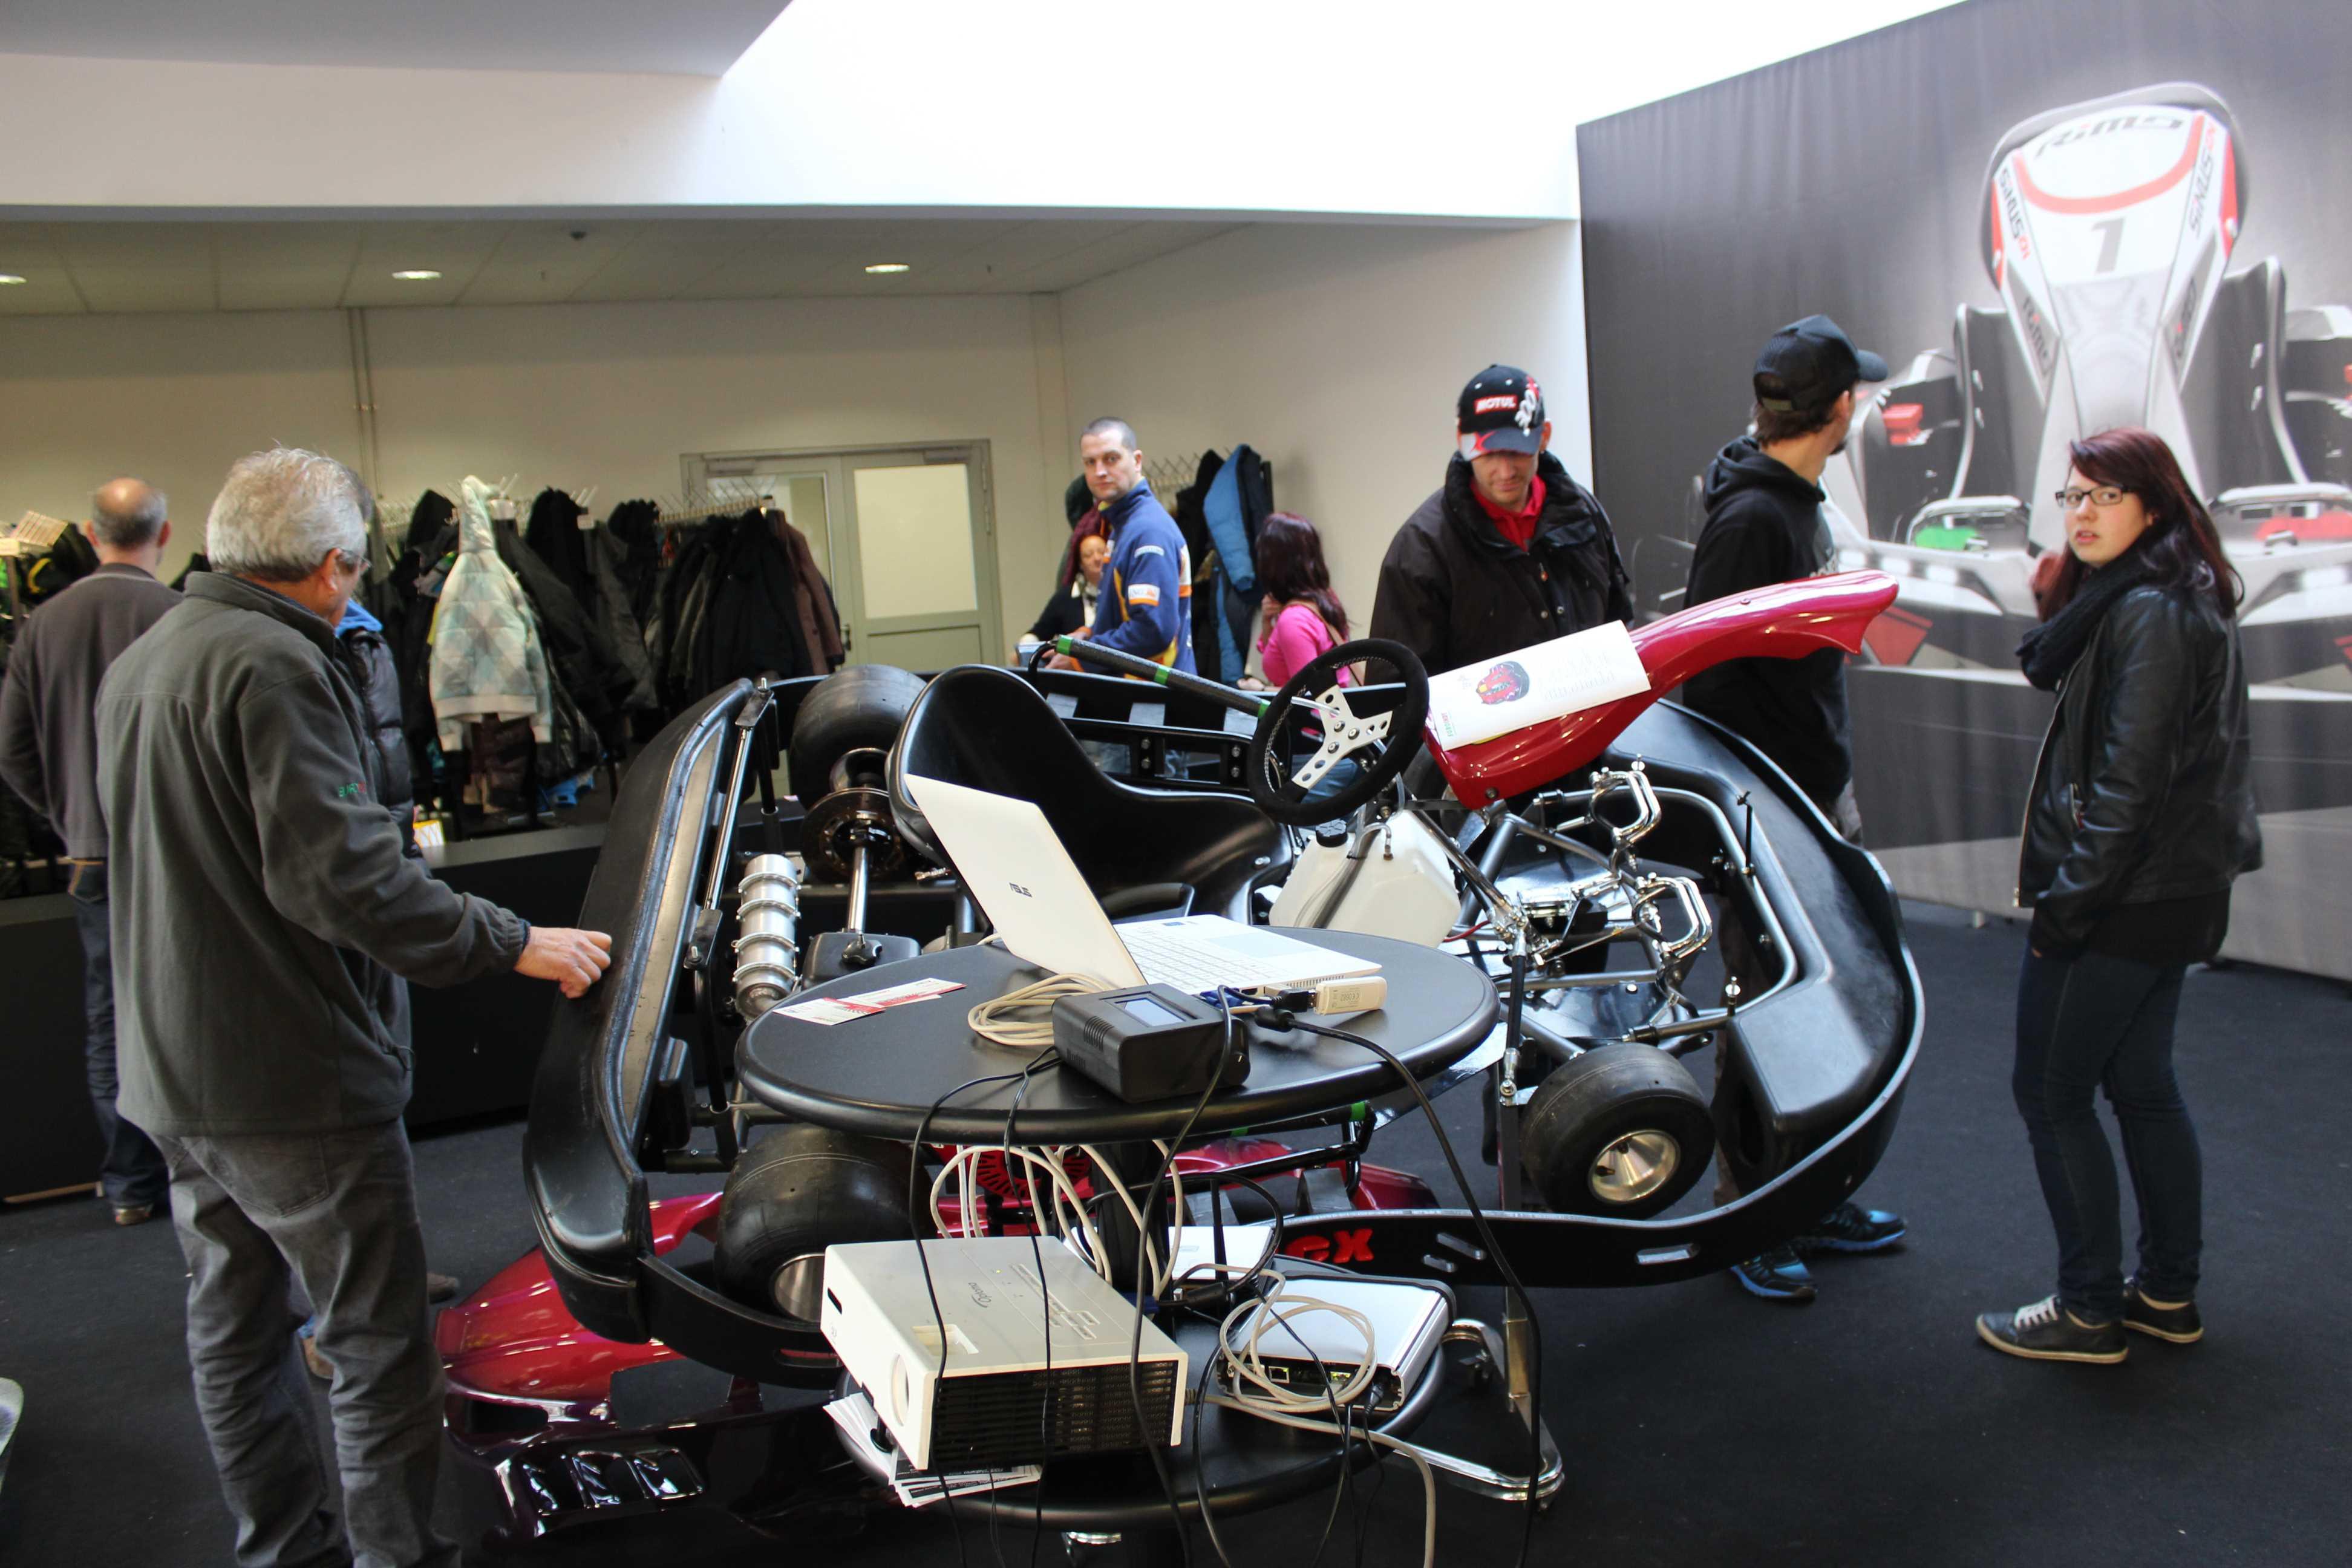 IZZI-FLEX Apresentação na Feira Internacional do Karting Alemanha19